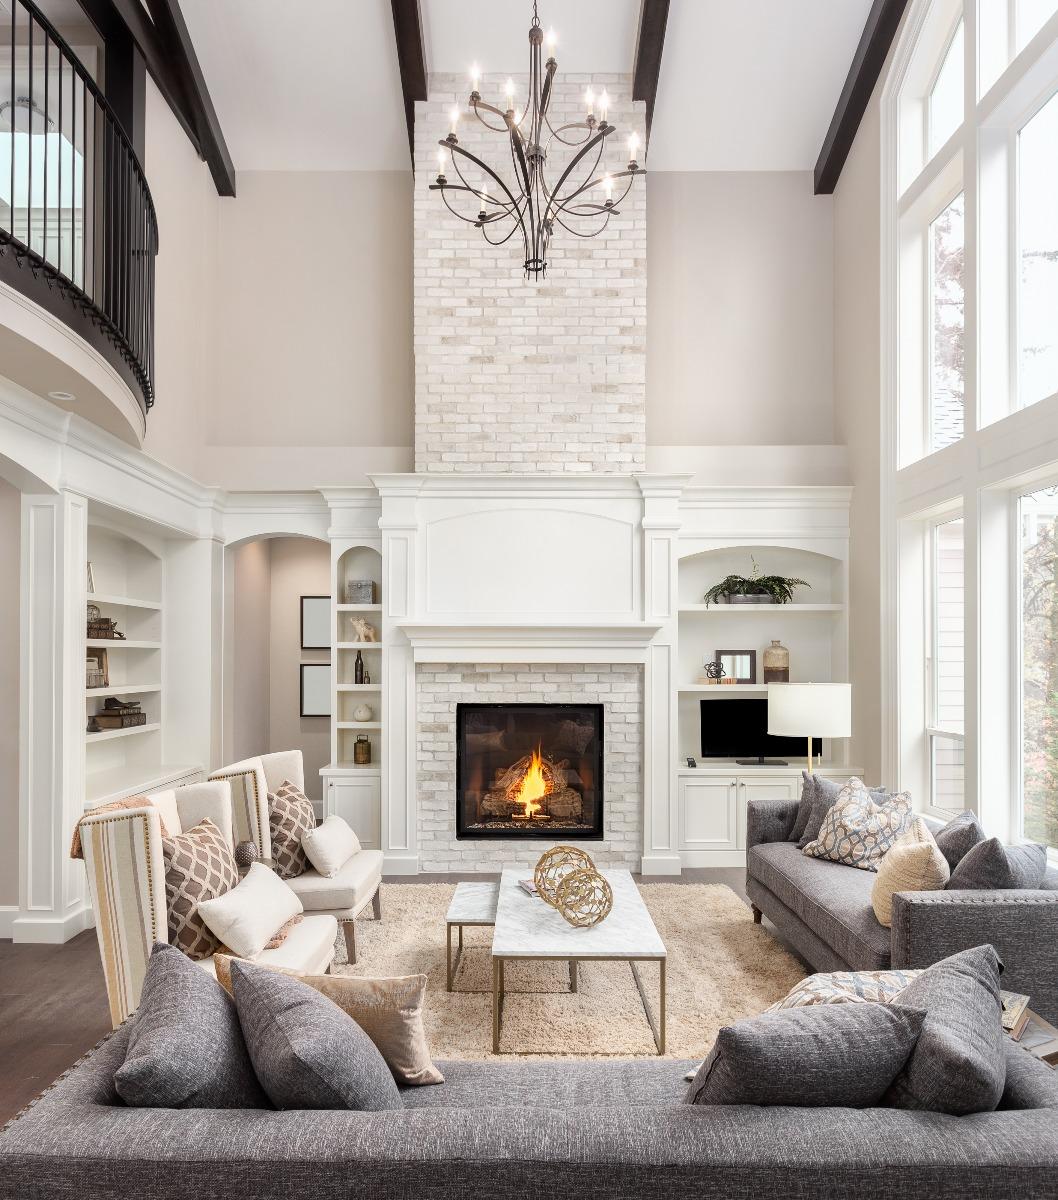 Das Bild zeigt ein schön eingerichtetes Wohnzimmer.